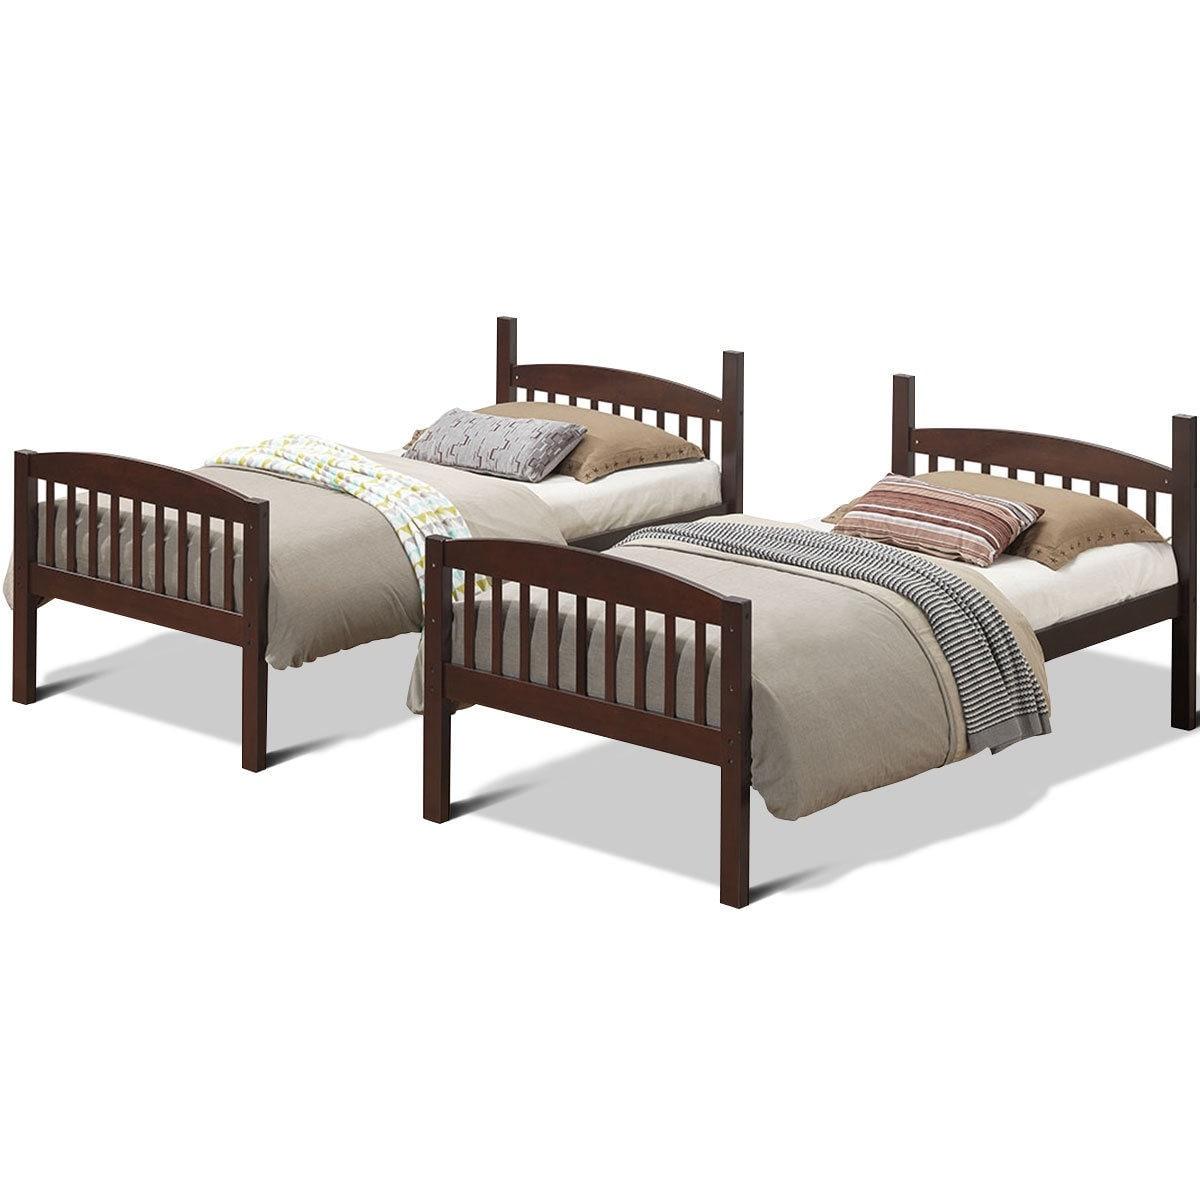 Shop Costway Wood Solid Hardwood Twin Bunk Beds Detachable Kids